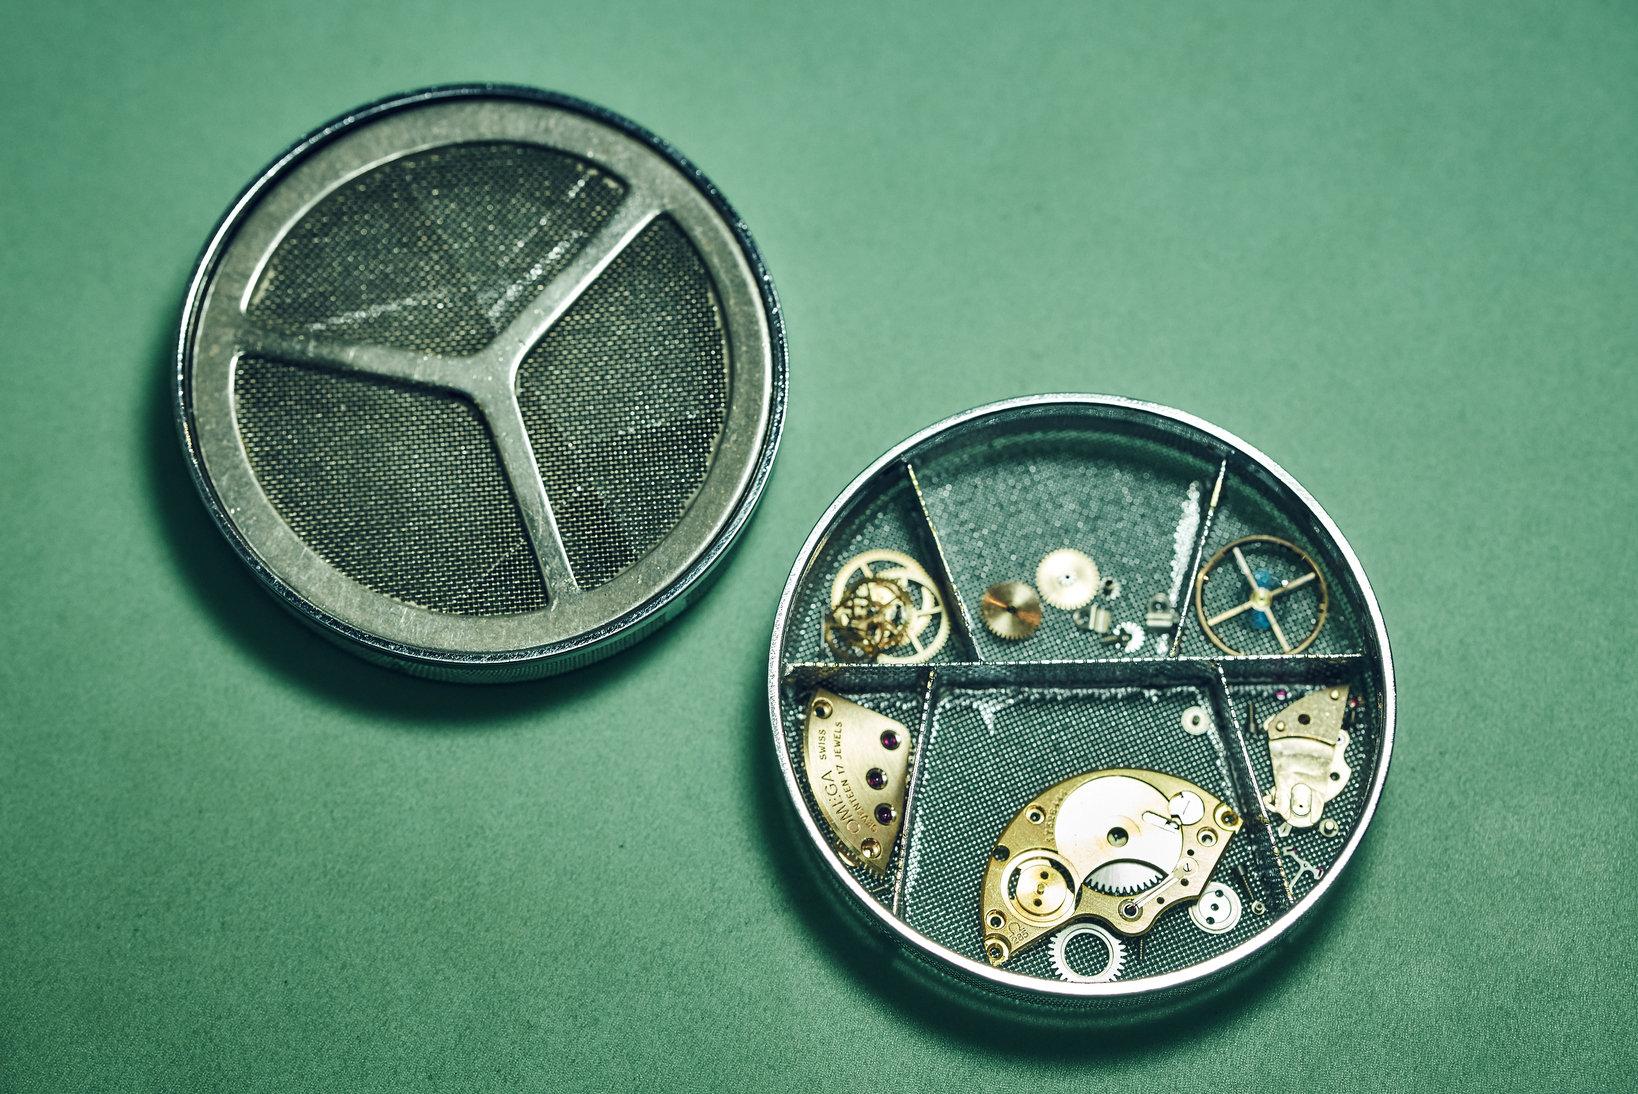 超音波洗浄用のカゴに入れて各部品を洗浄する。オーバーホールの要でもある基本的な工程だ。